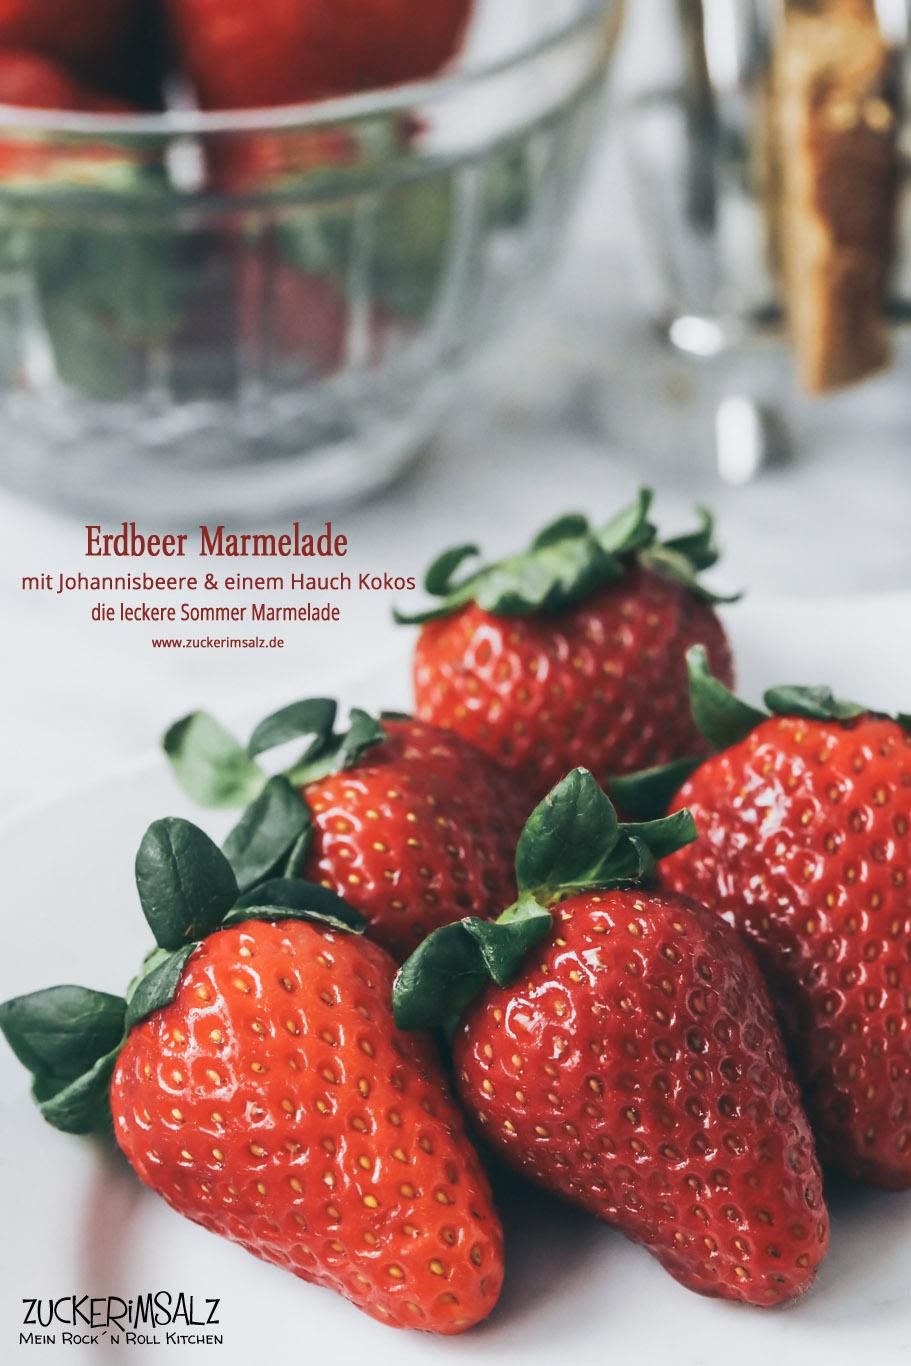 Sommermarmelade, Sommer, Marmelade, Erdbeeren, Johannisbeere, Kokos, Sirup, Zuckerimsalz, einmachen, Geschenk aus der Küche, Einmachgläser, dekorieren, Vintage, Marmeladenglas, Etiketten